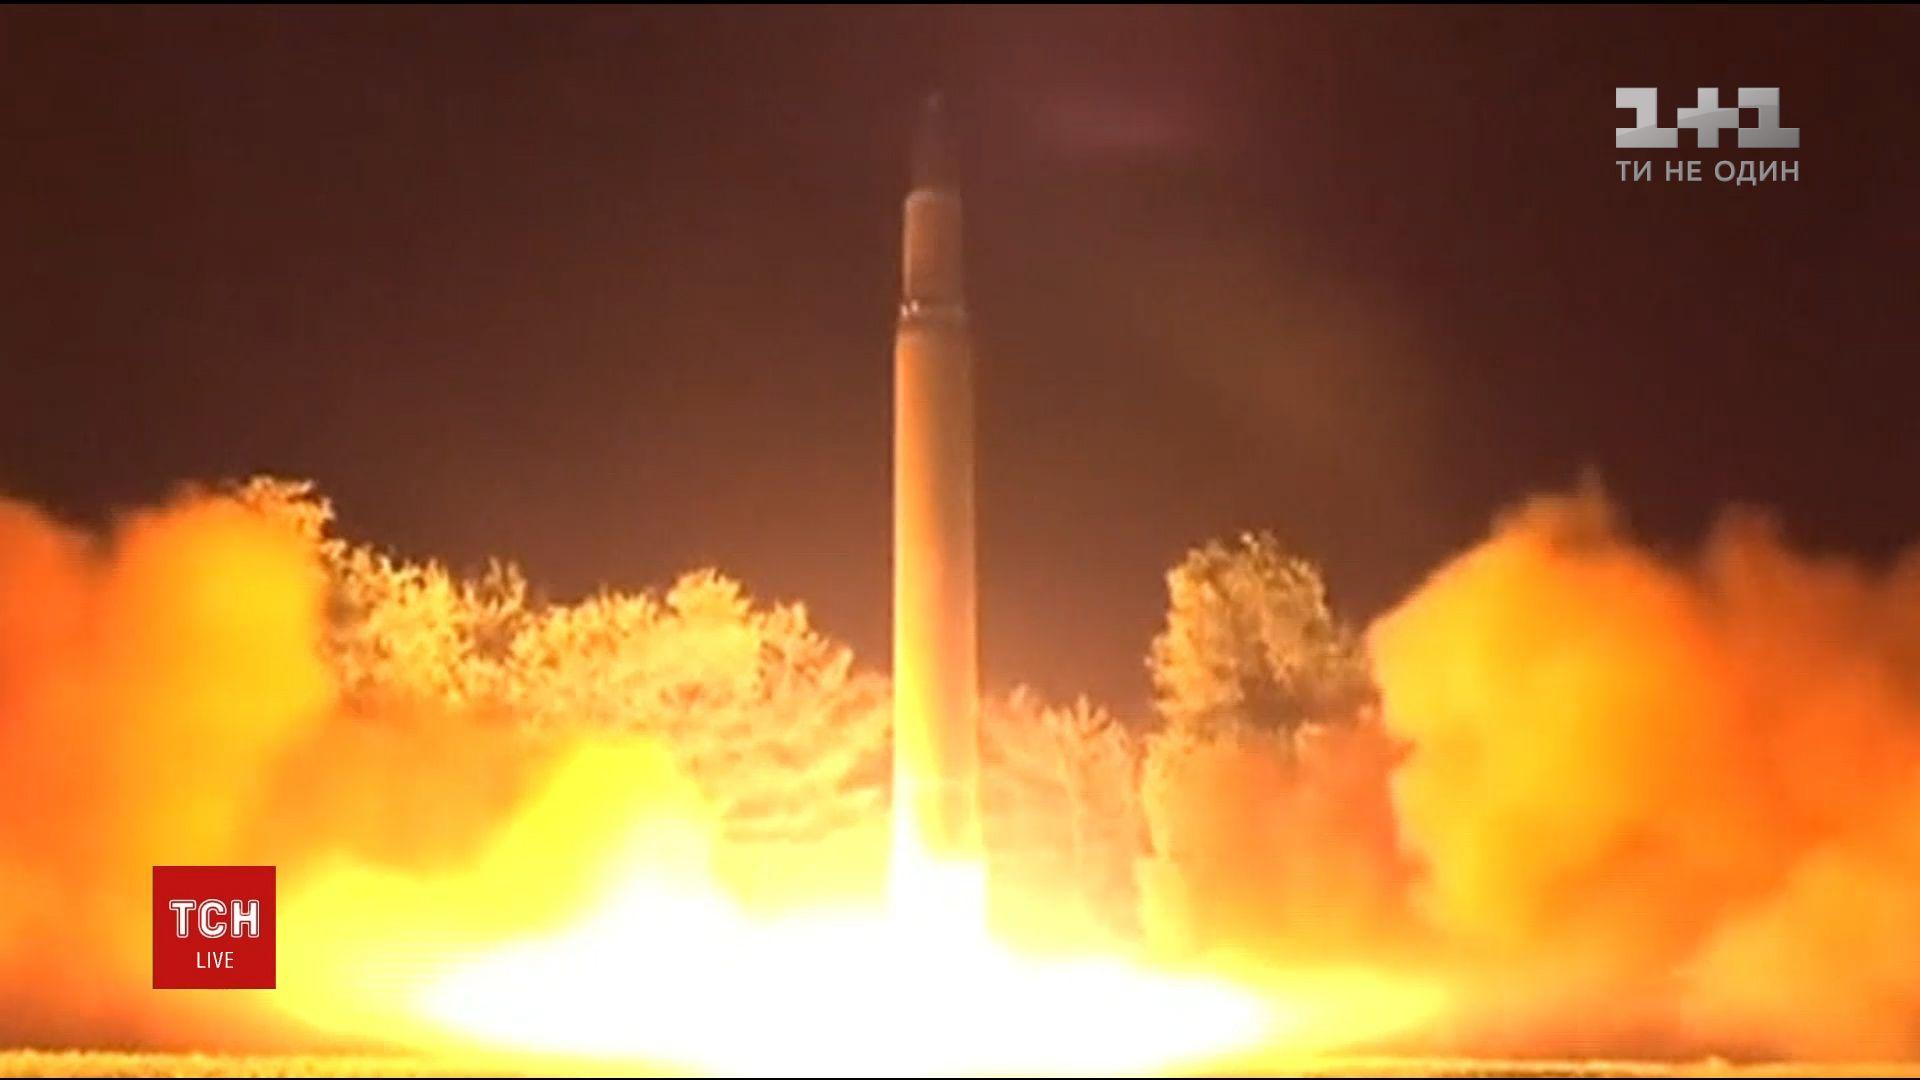 Ядерні випробовування КНДР пришвидшили створення підрозділу / Скріншот відео ТСН